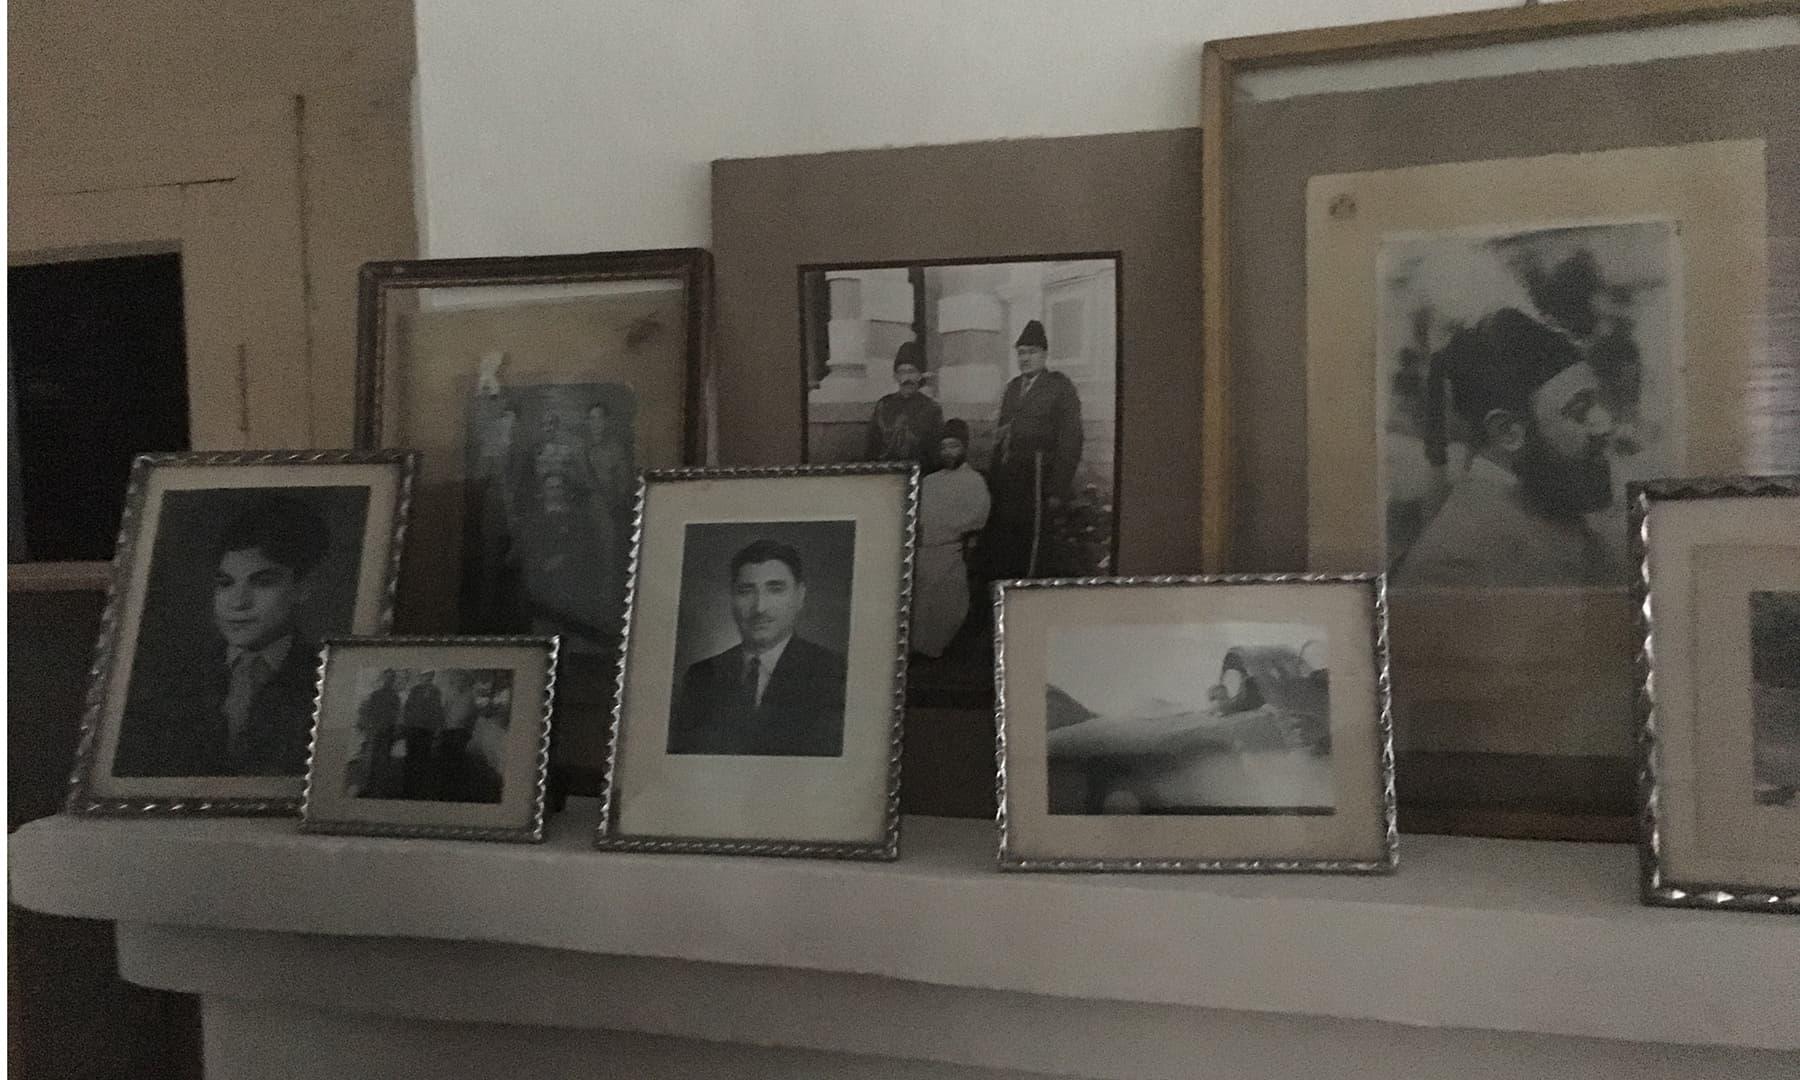 قلعے میں موجود کچھ پرانے وقتوں کی تصاویر—تصویر عظمت اکبر